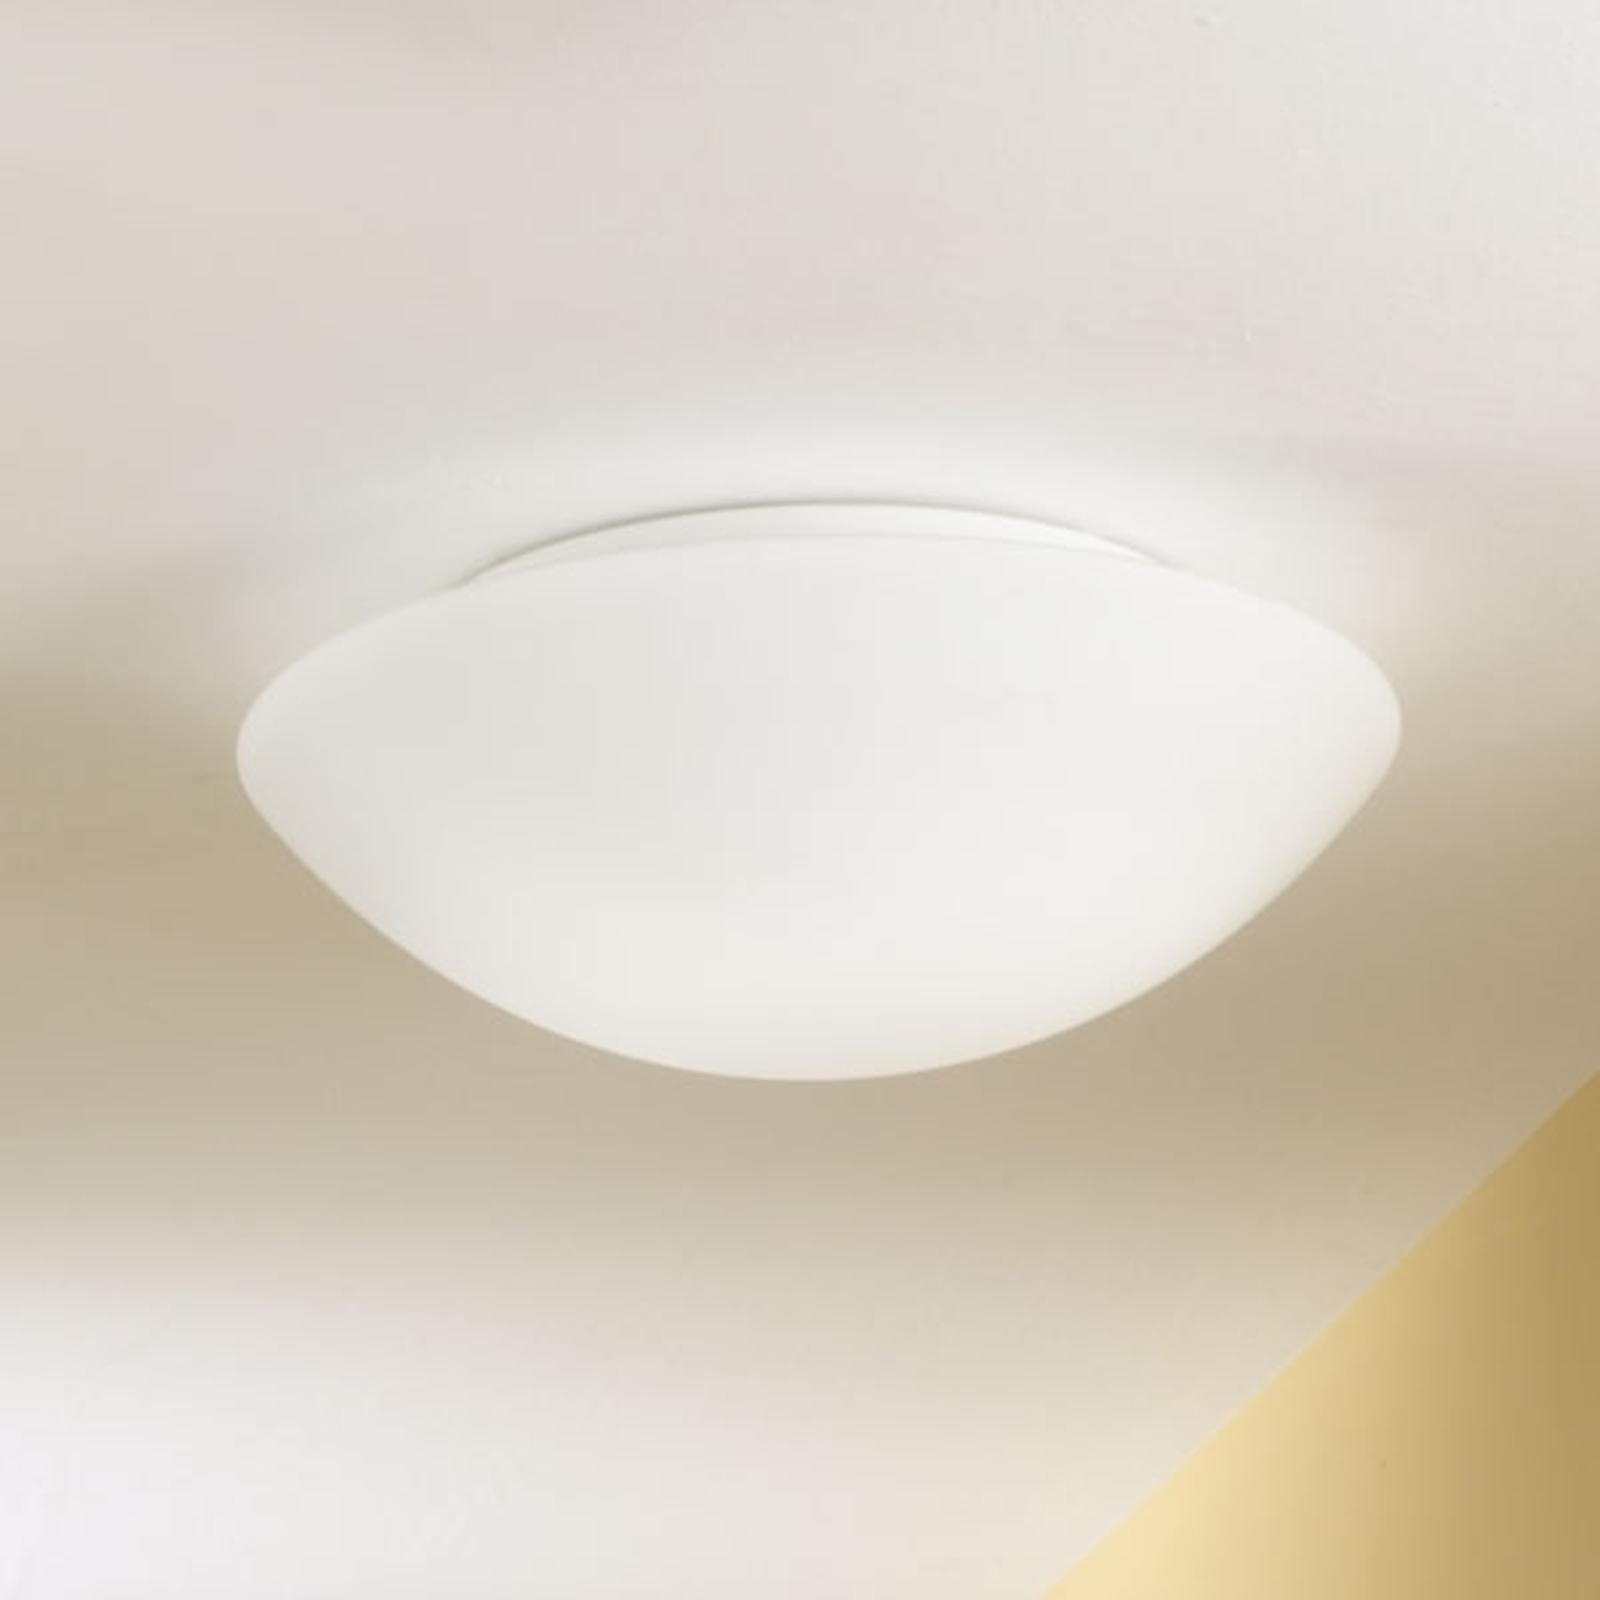 Lampa sufitowa lub ścienna PANDORA, 25 cm